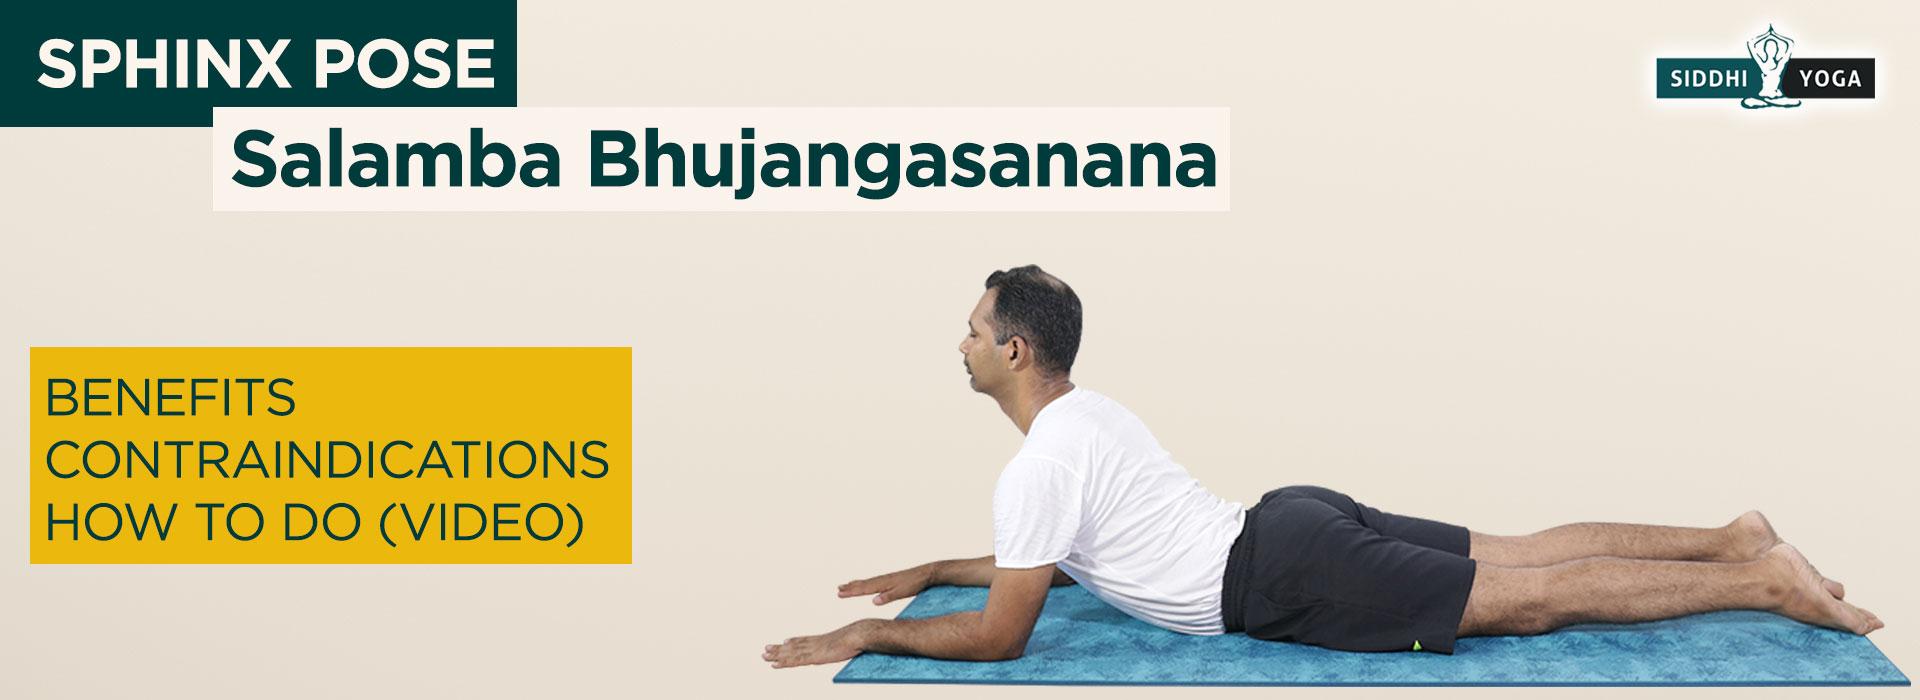 Salamba Bhujangasana (Sphinx Pose) Benefits